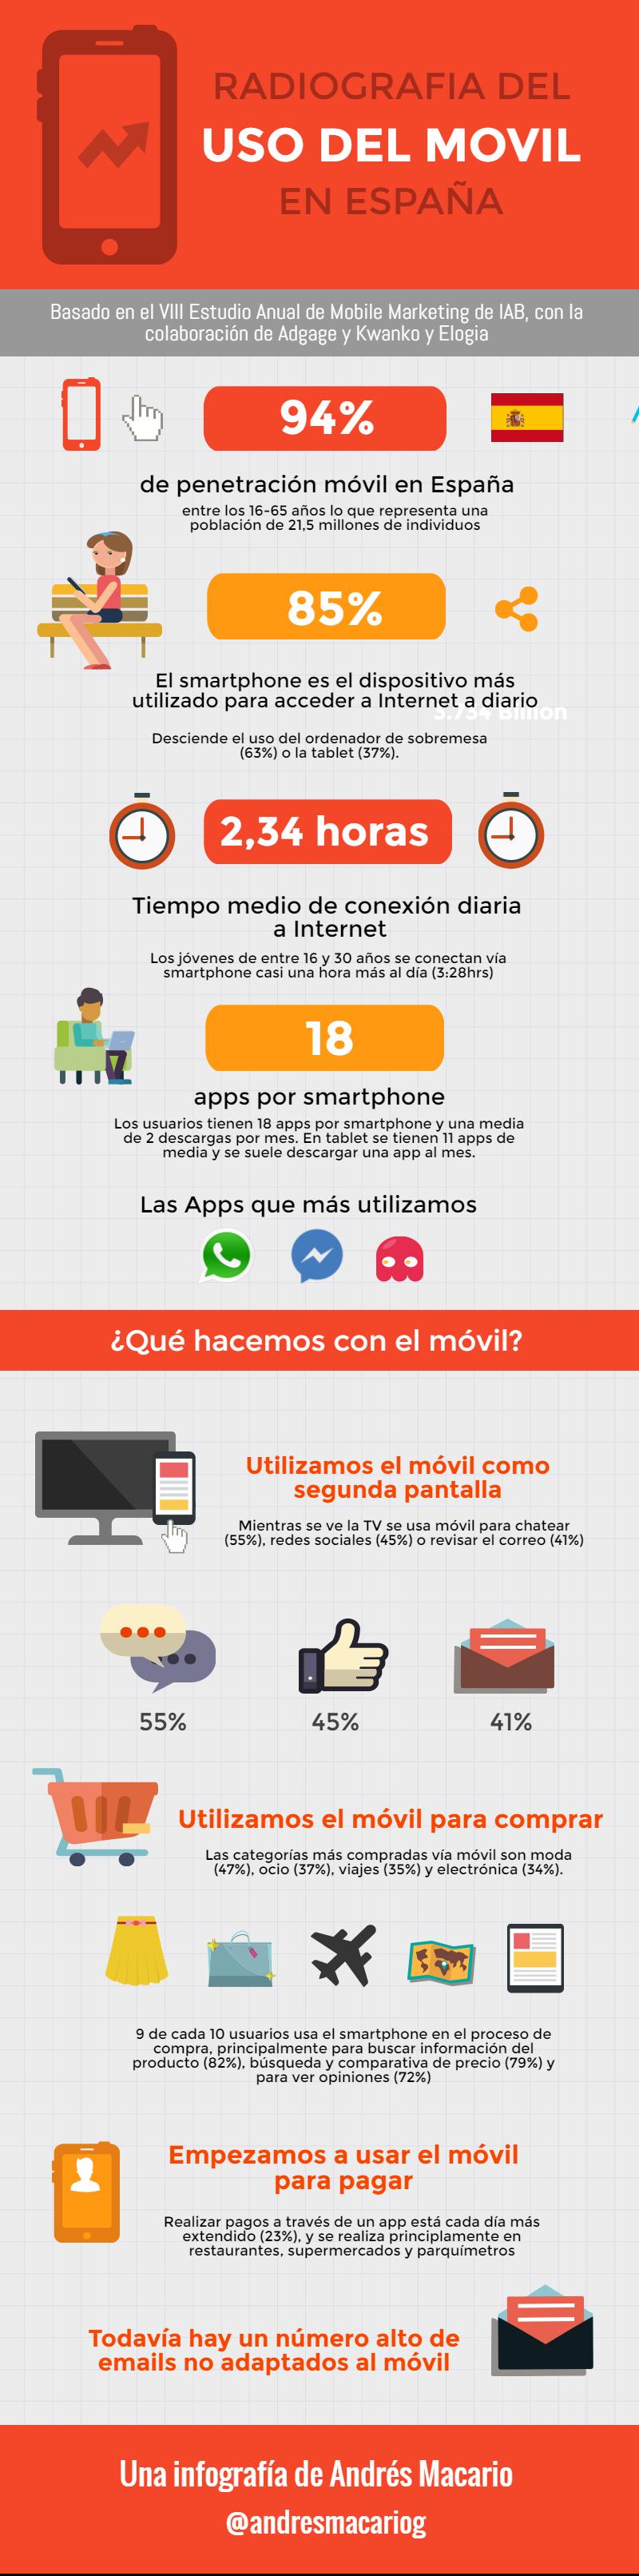 Radiografia del uso del-movil en Espana- Infografia Andres Macario